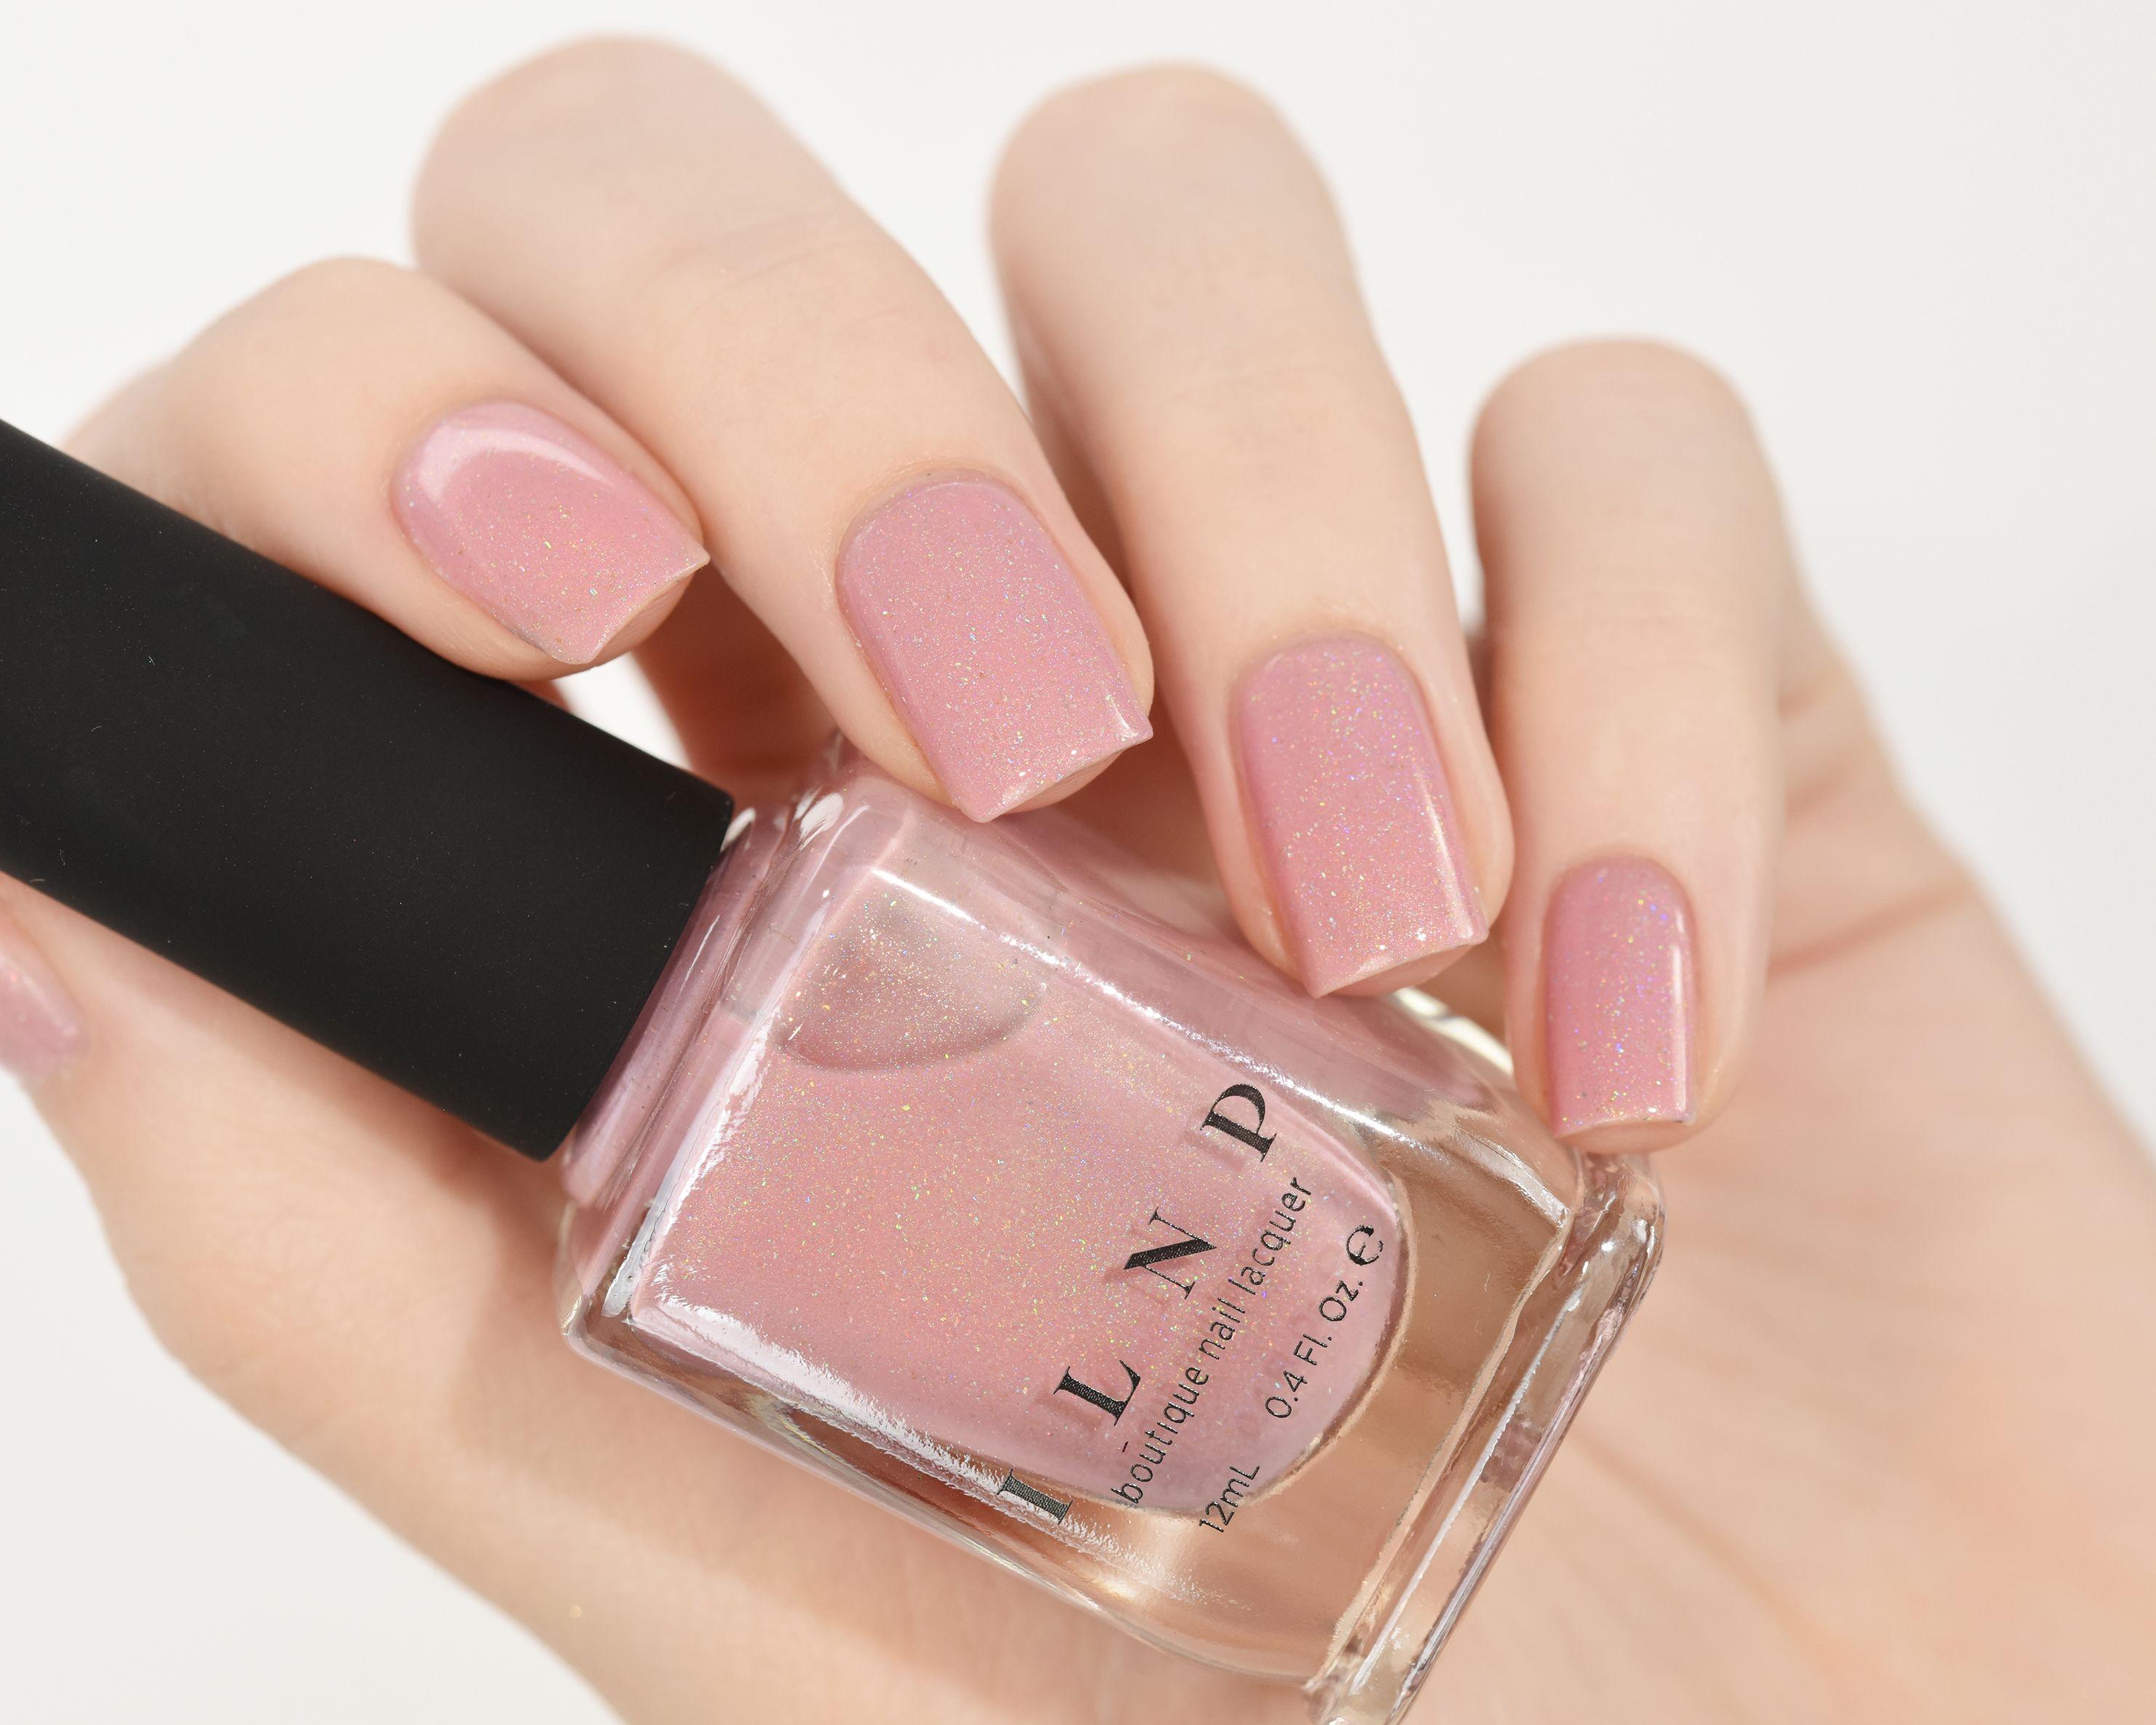 Pin by Pantelitsa Vulovic on Nails   Gel manicure nails